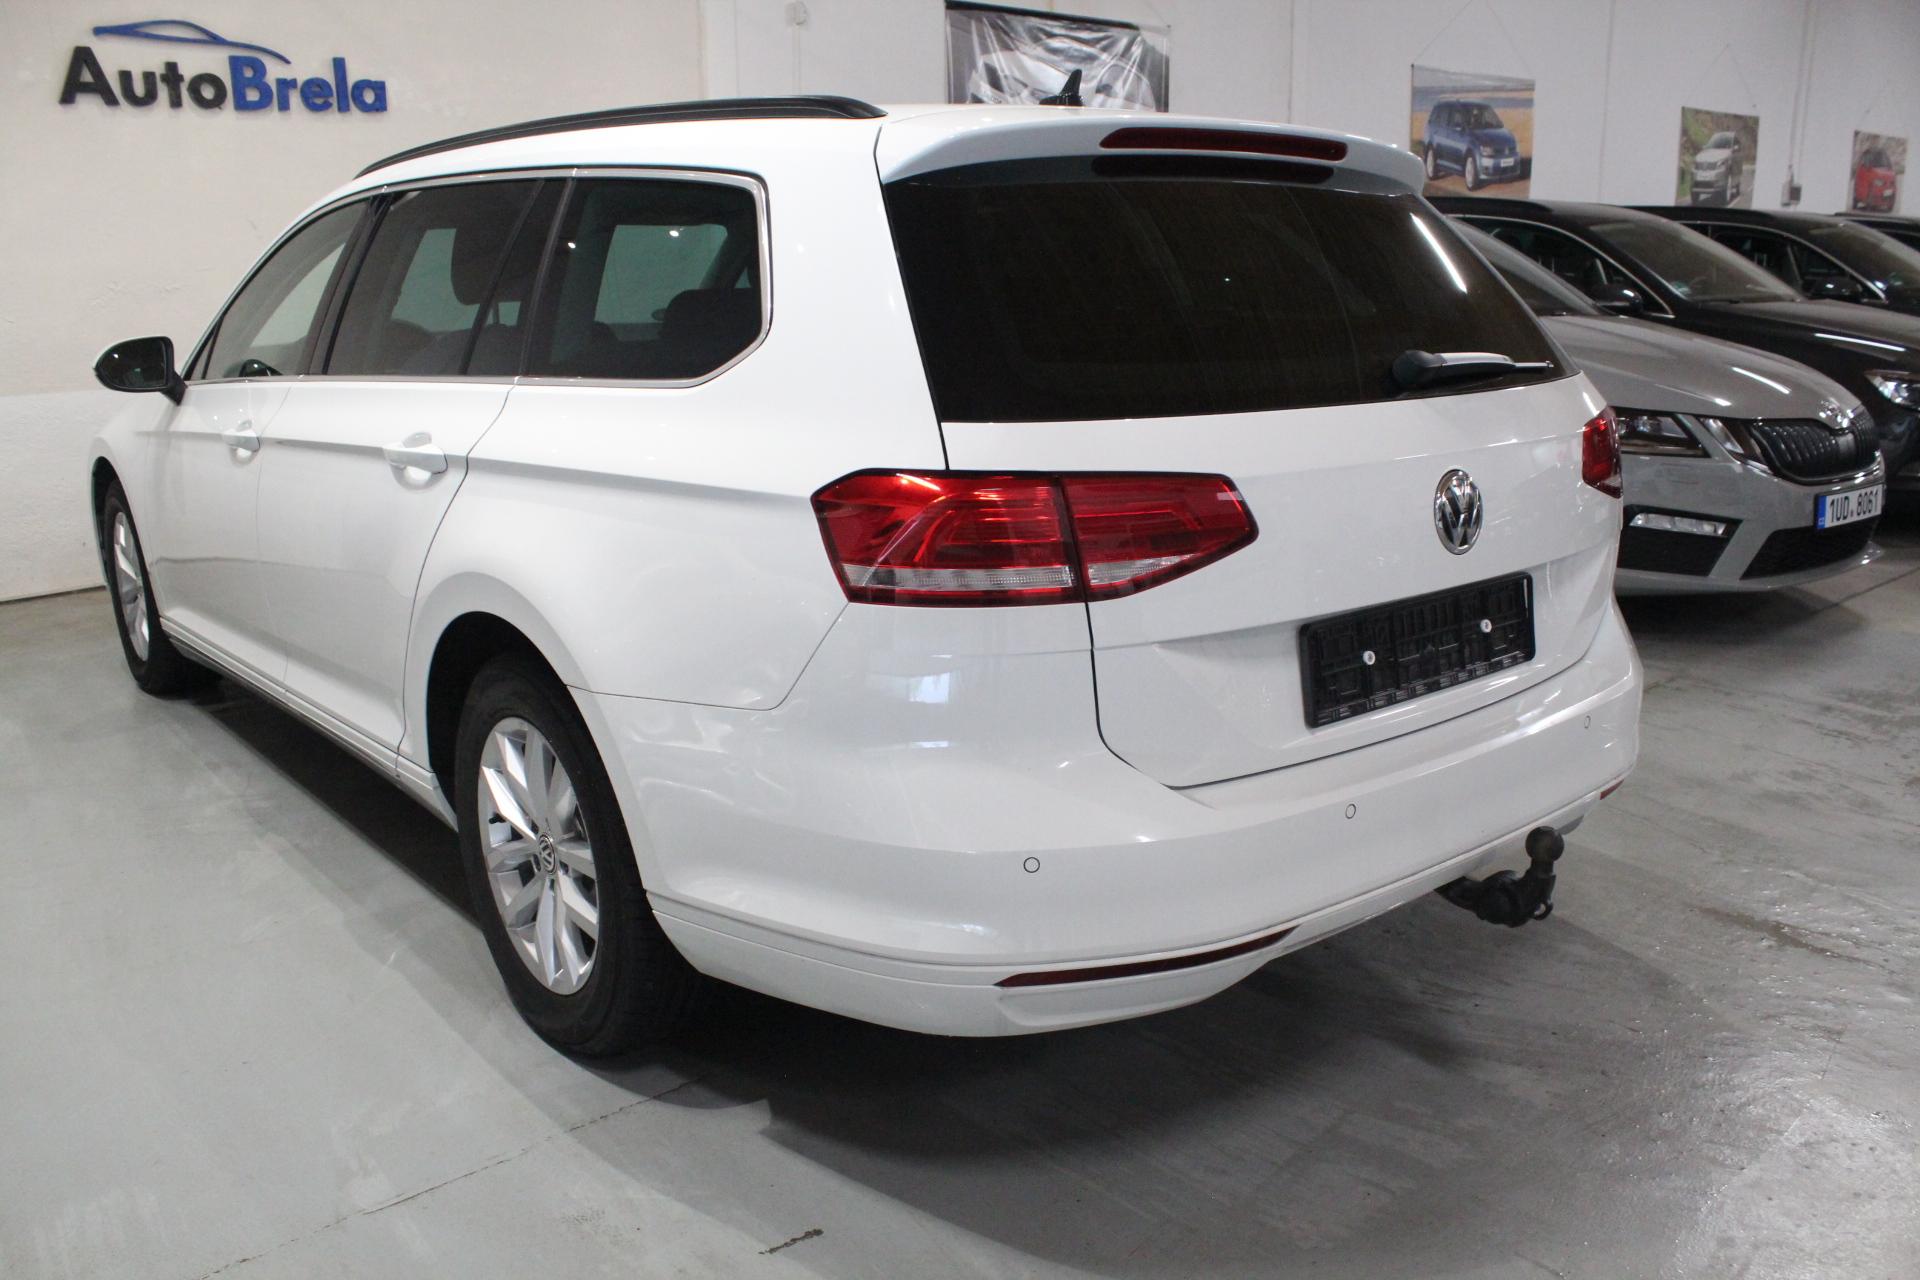 VW Passat B8 1.6 TDI Model 2017 Elk. Tažné zařízení - AutoBrela obrázek